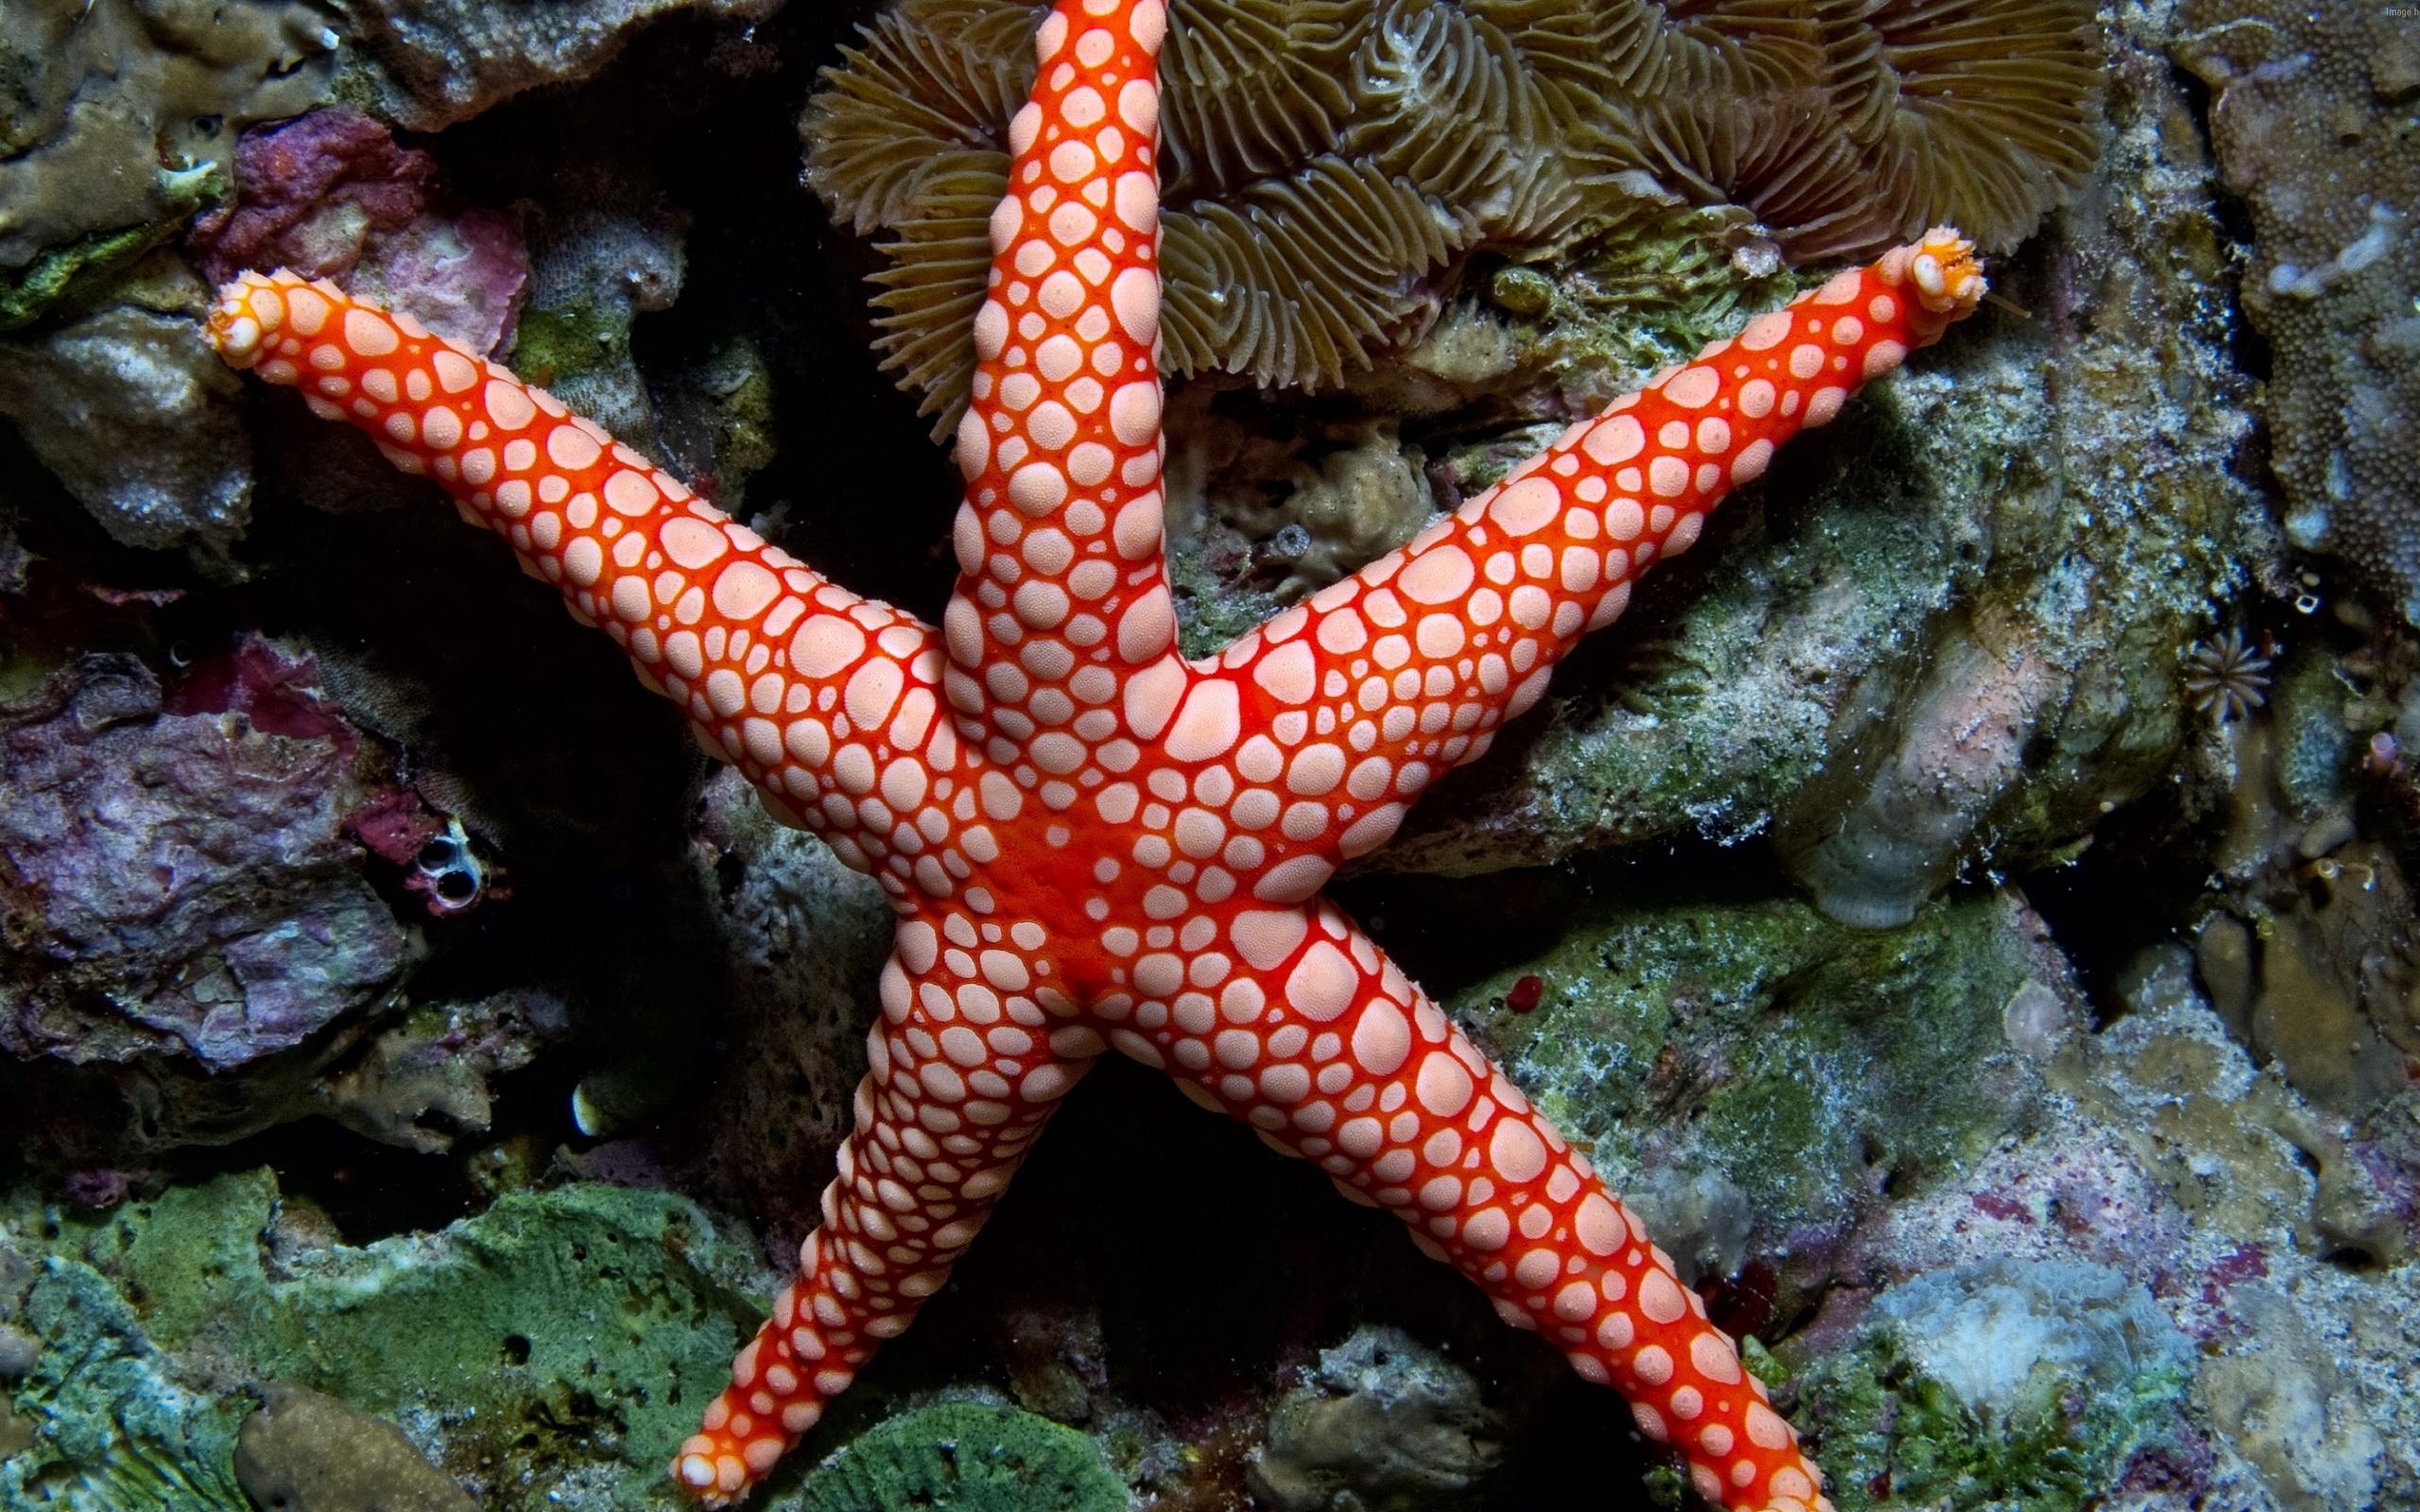 смотреть картинки морских звезд тебе золотце это